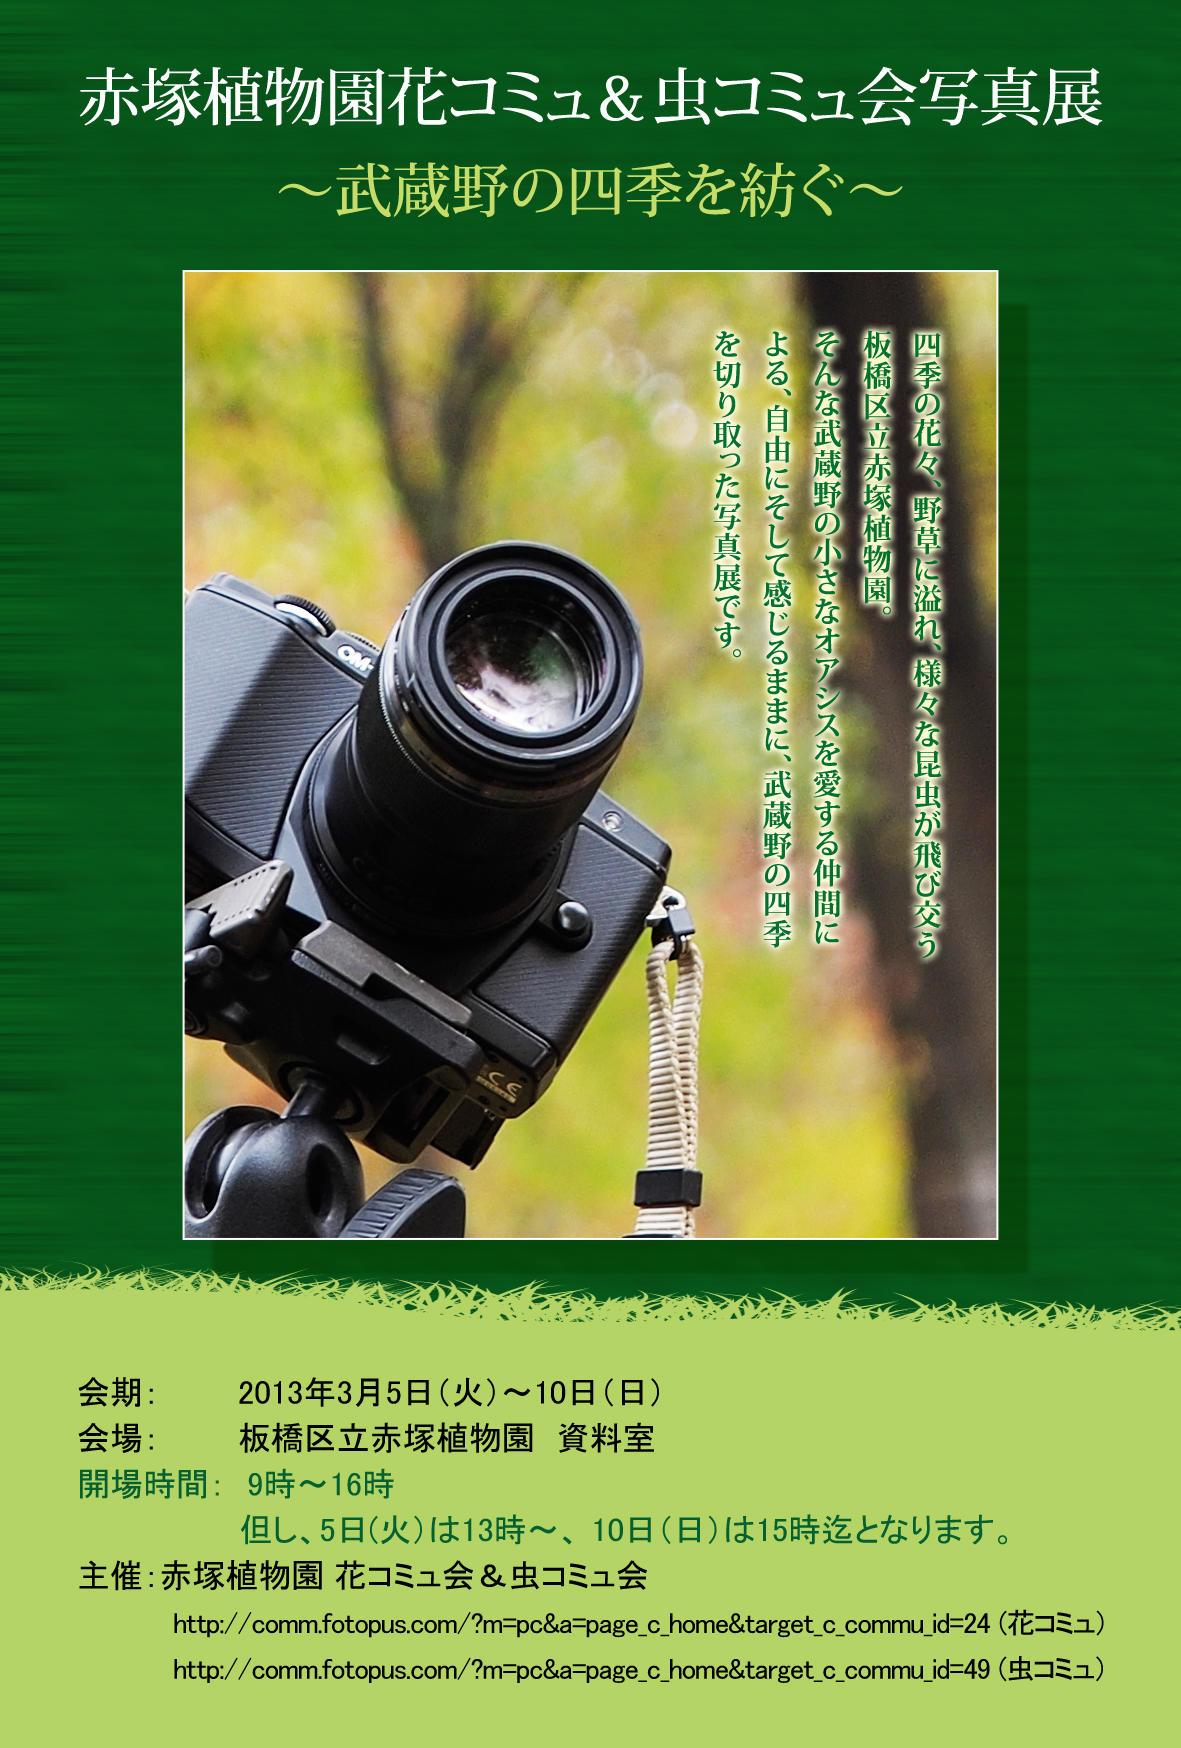 赤塚植物園写真展_d0192516_10585162.jpg